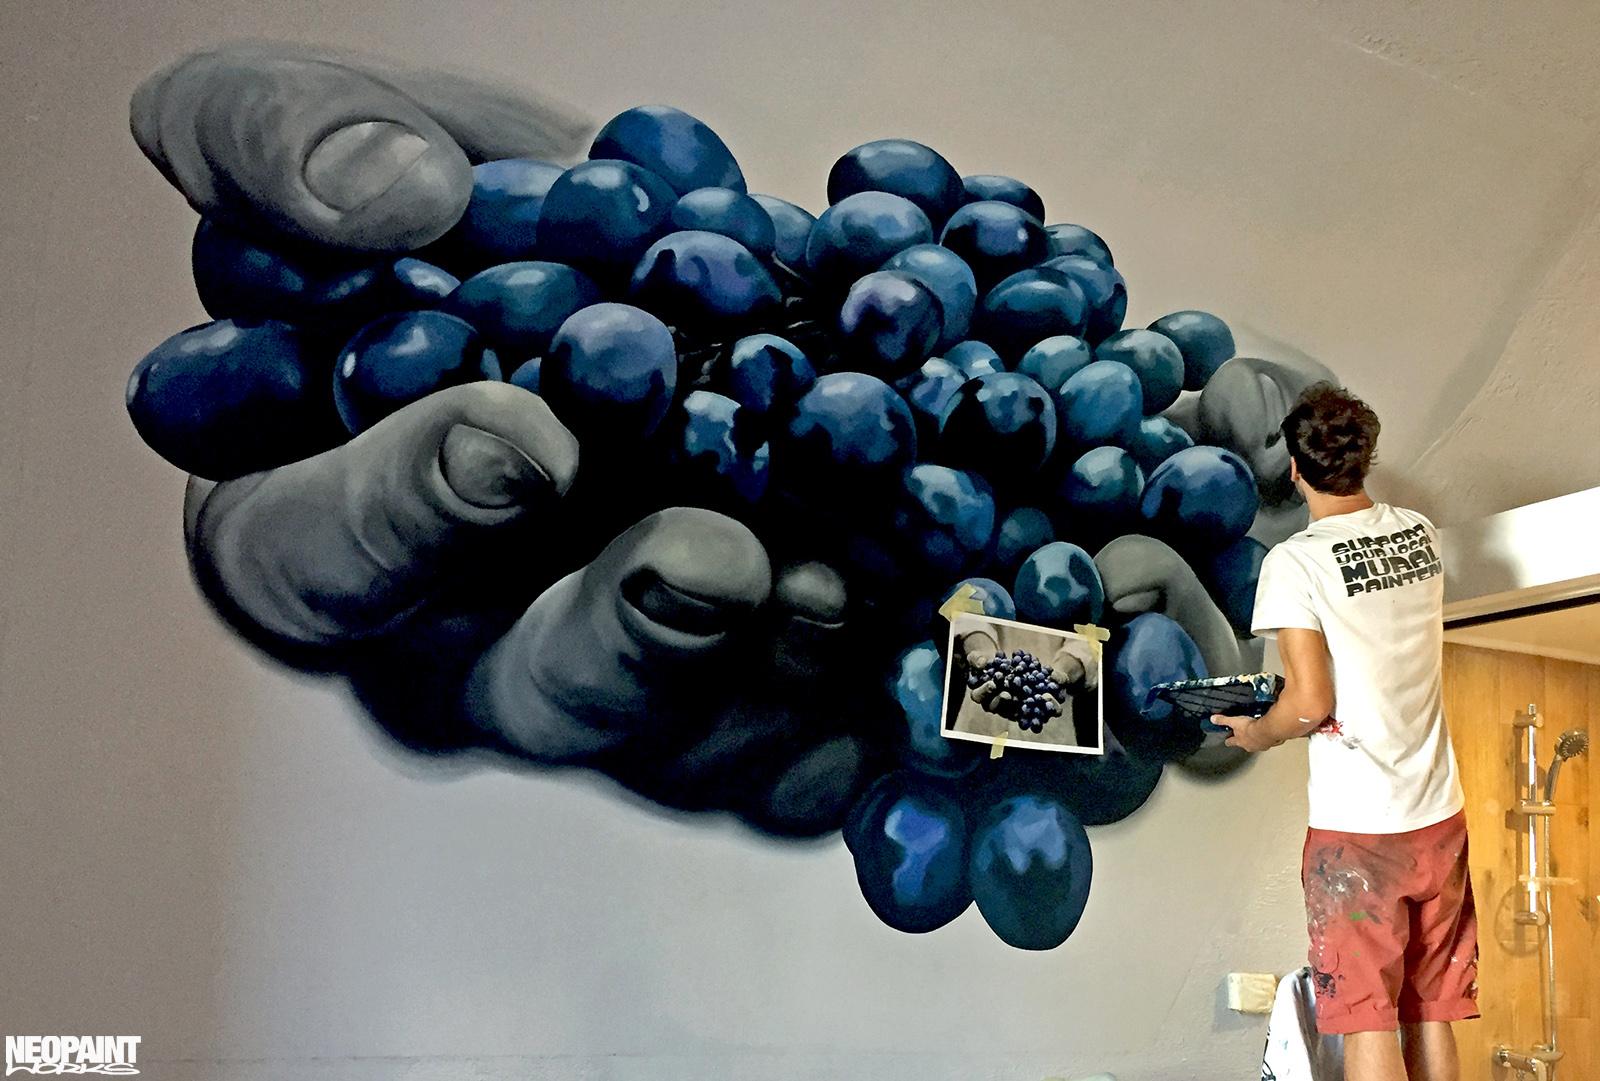 festett faldekoráció - dekorfestés - eger - szőlő - neopaint works (6)